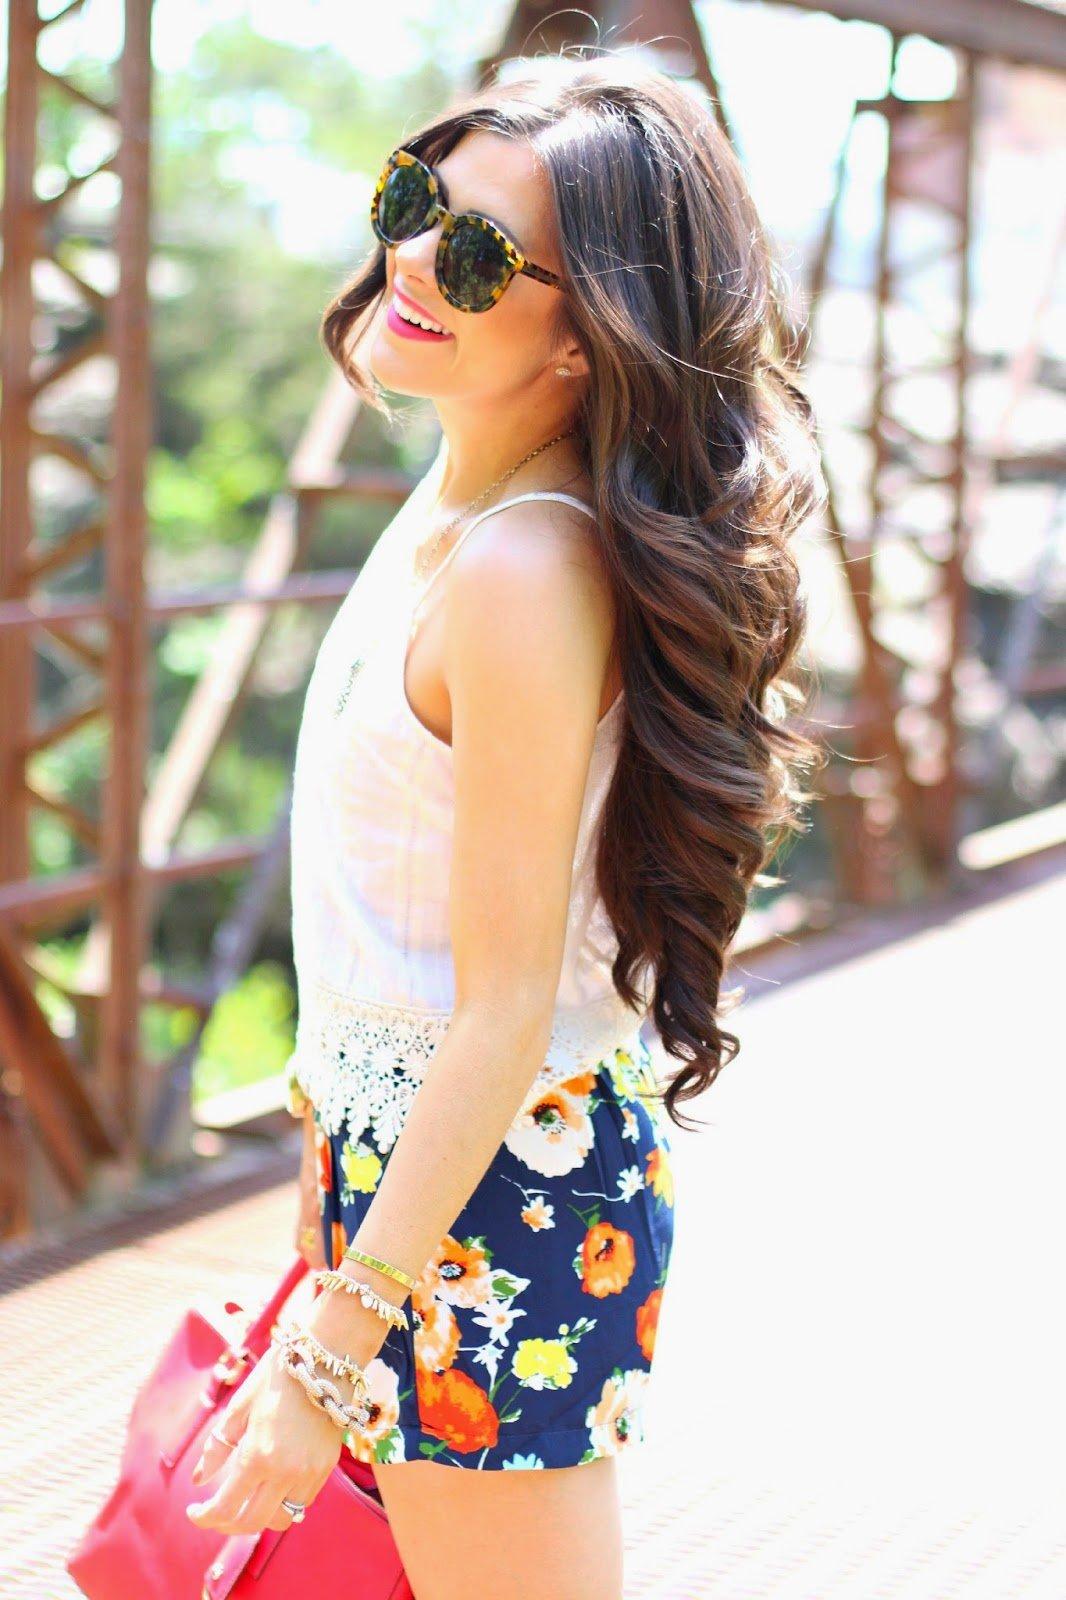 Ținută vestimentară tinerească, Foto: justthedesign.com